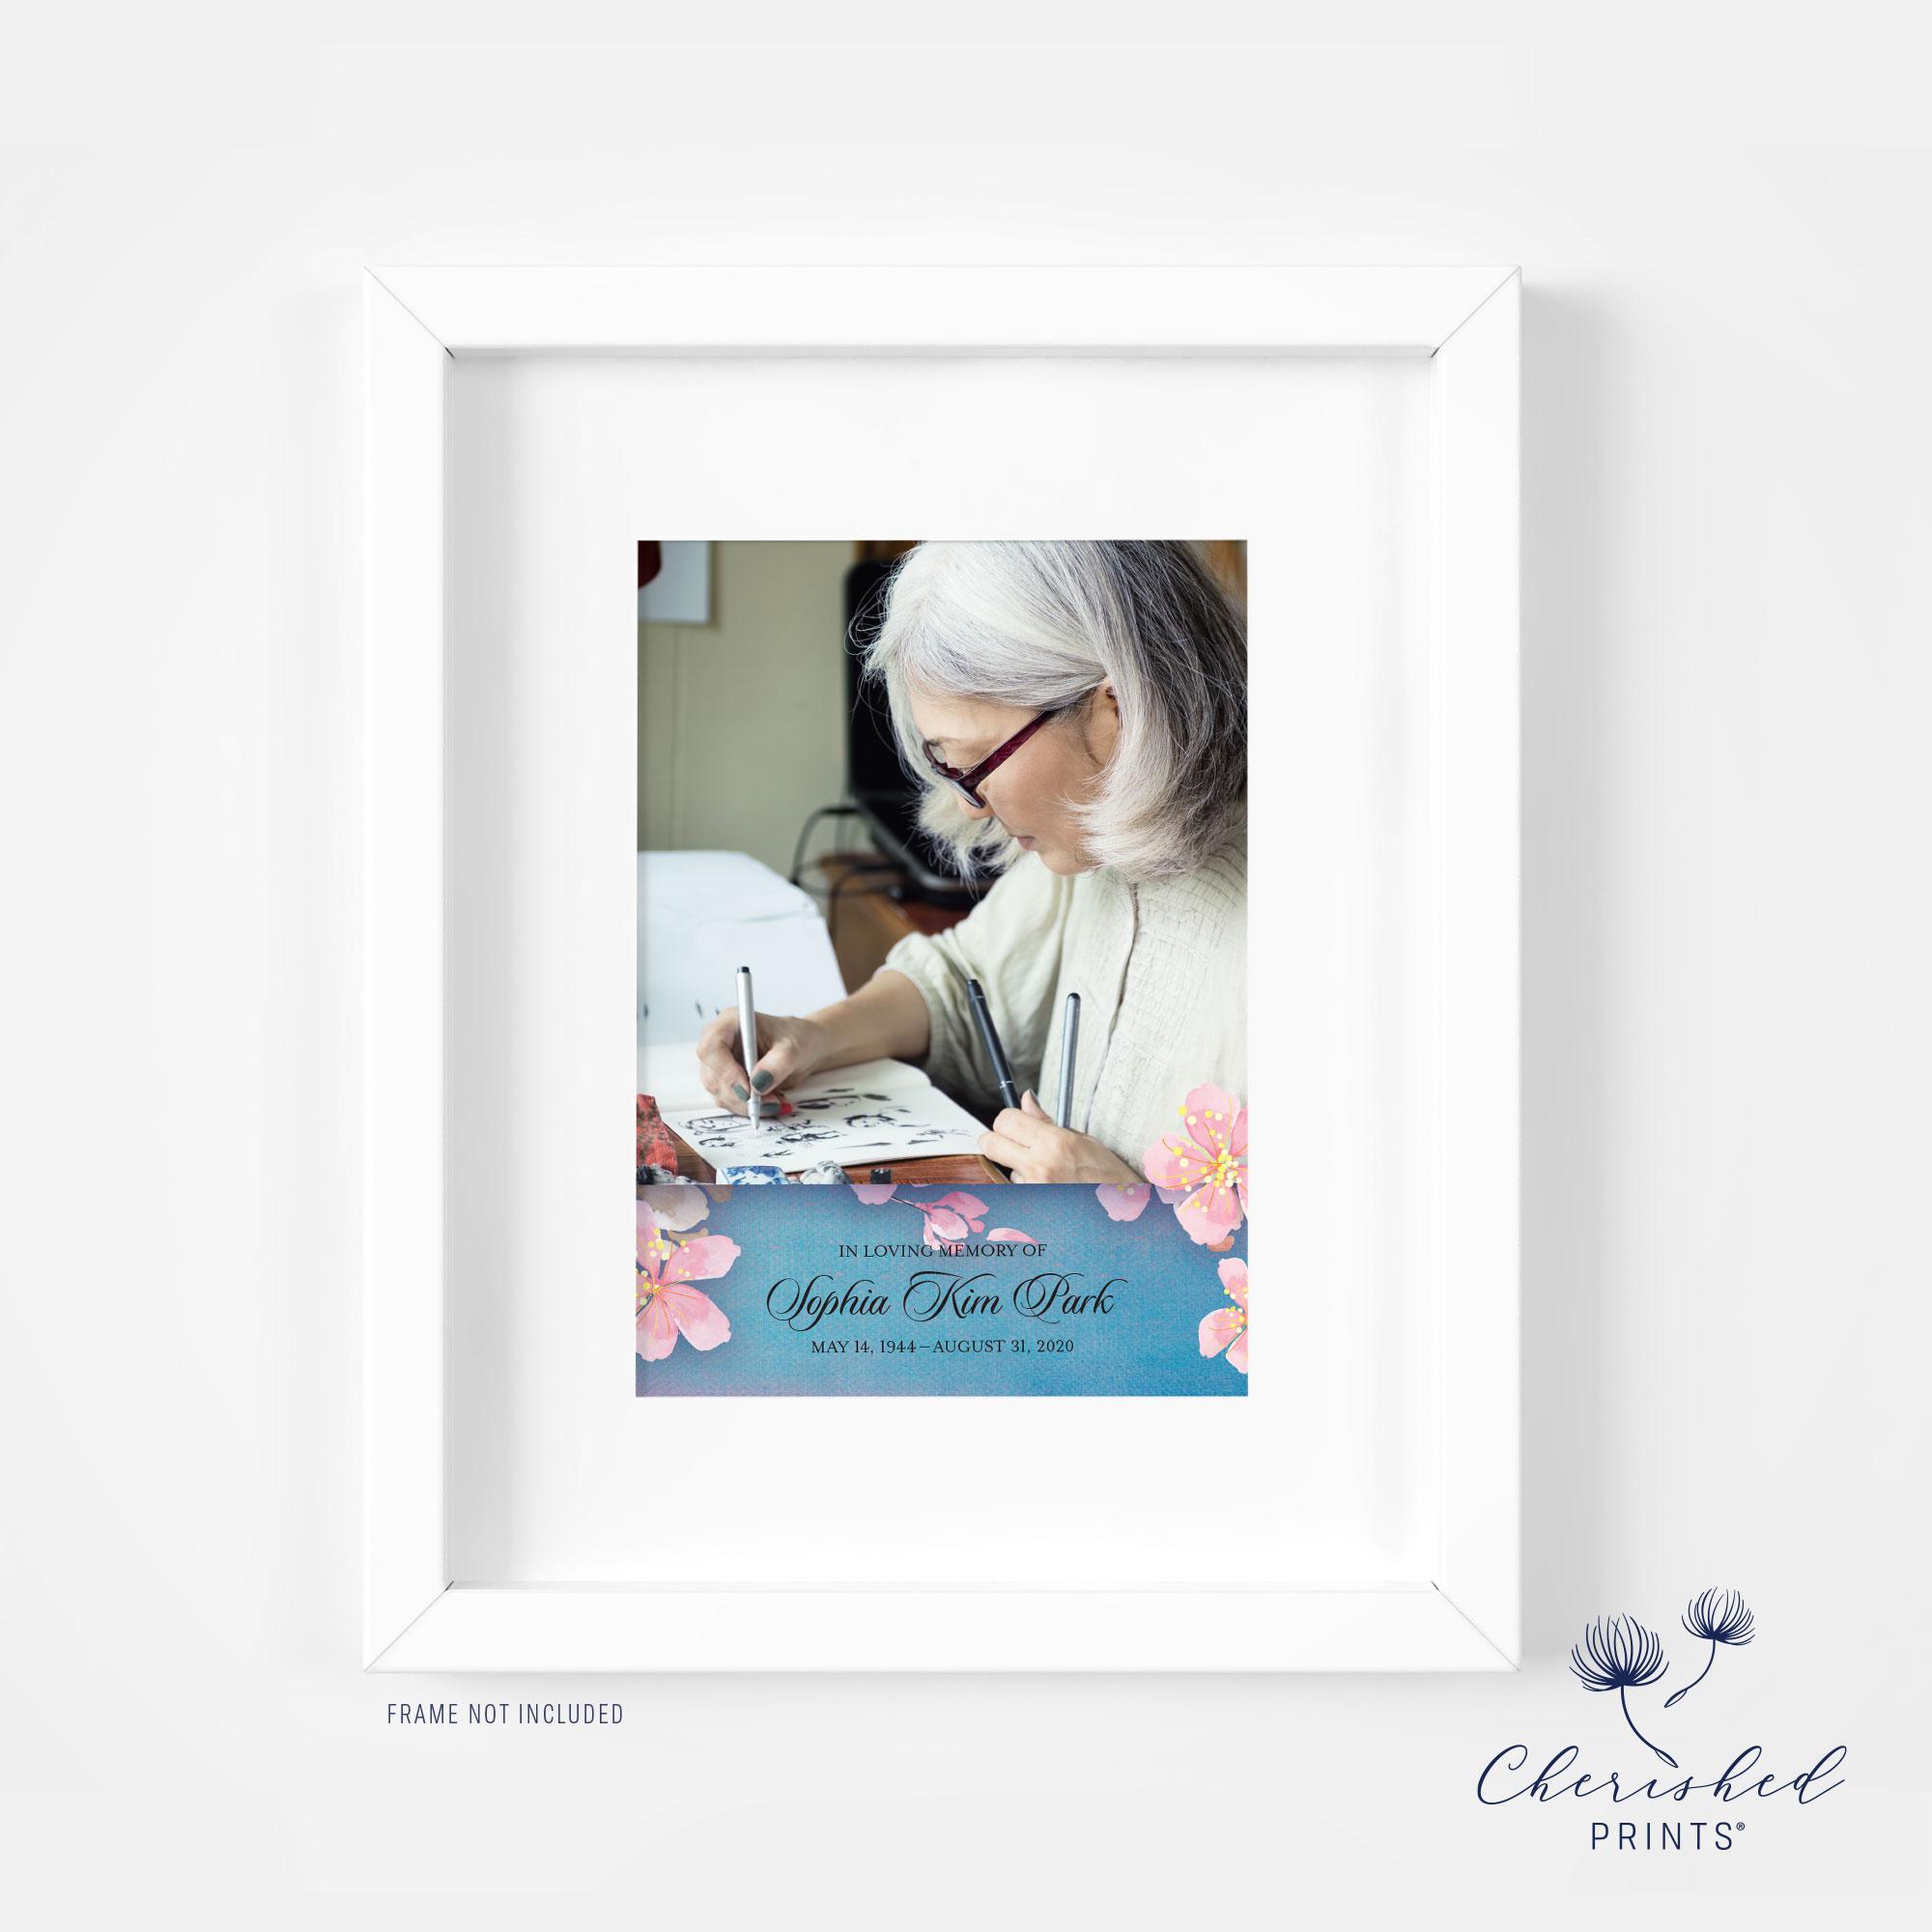 Cherry Blossom Sakura Framed Memorial CardAnnouncement